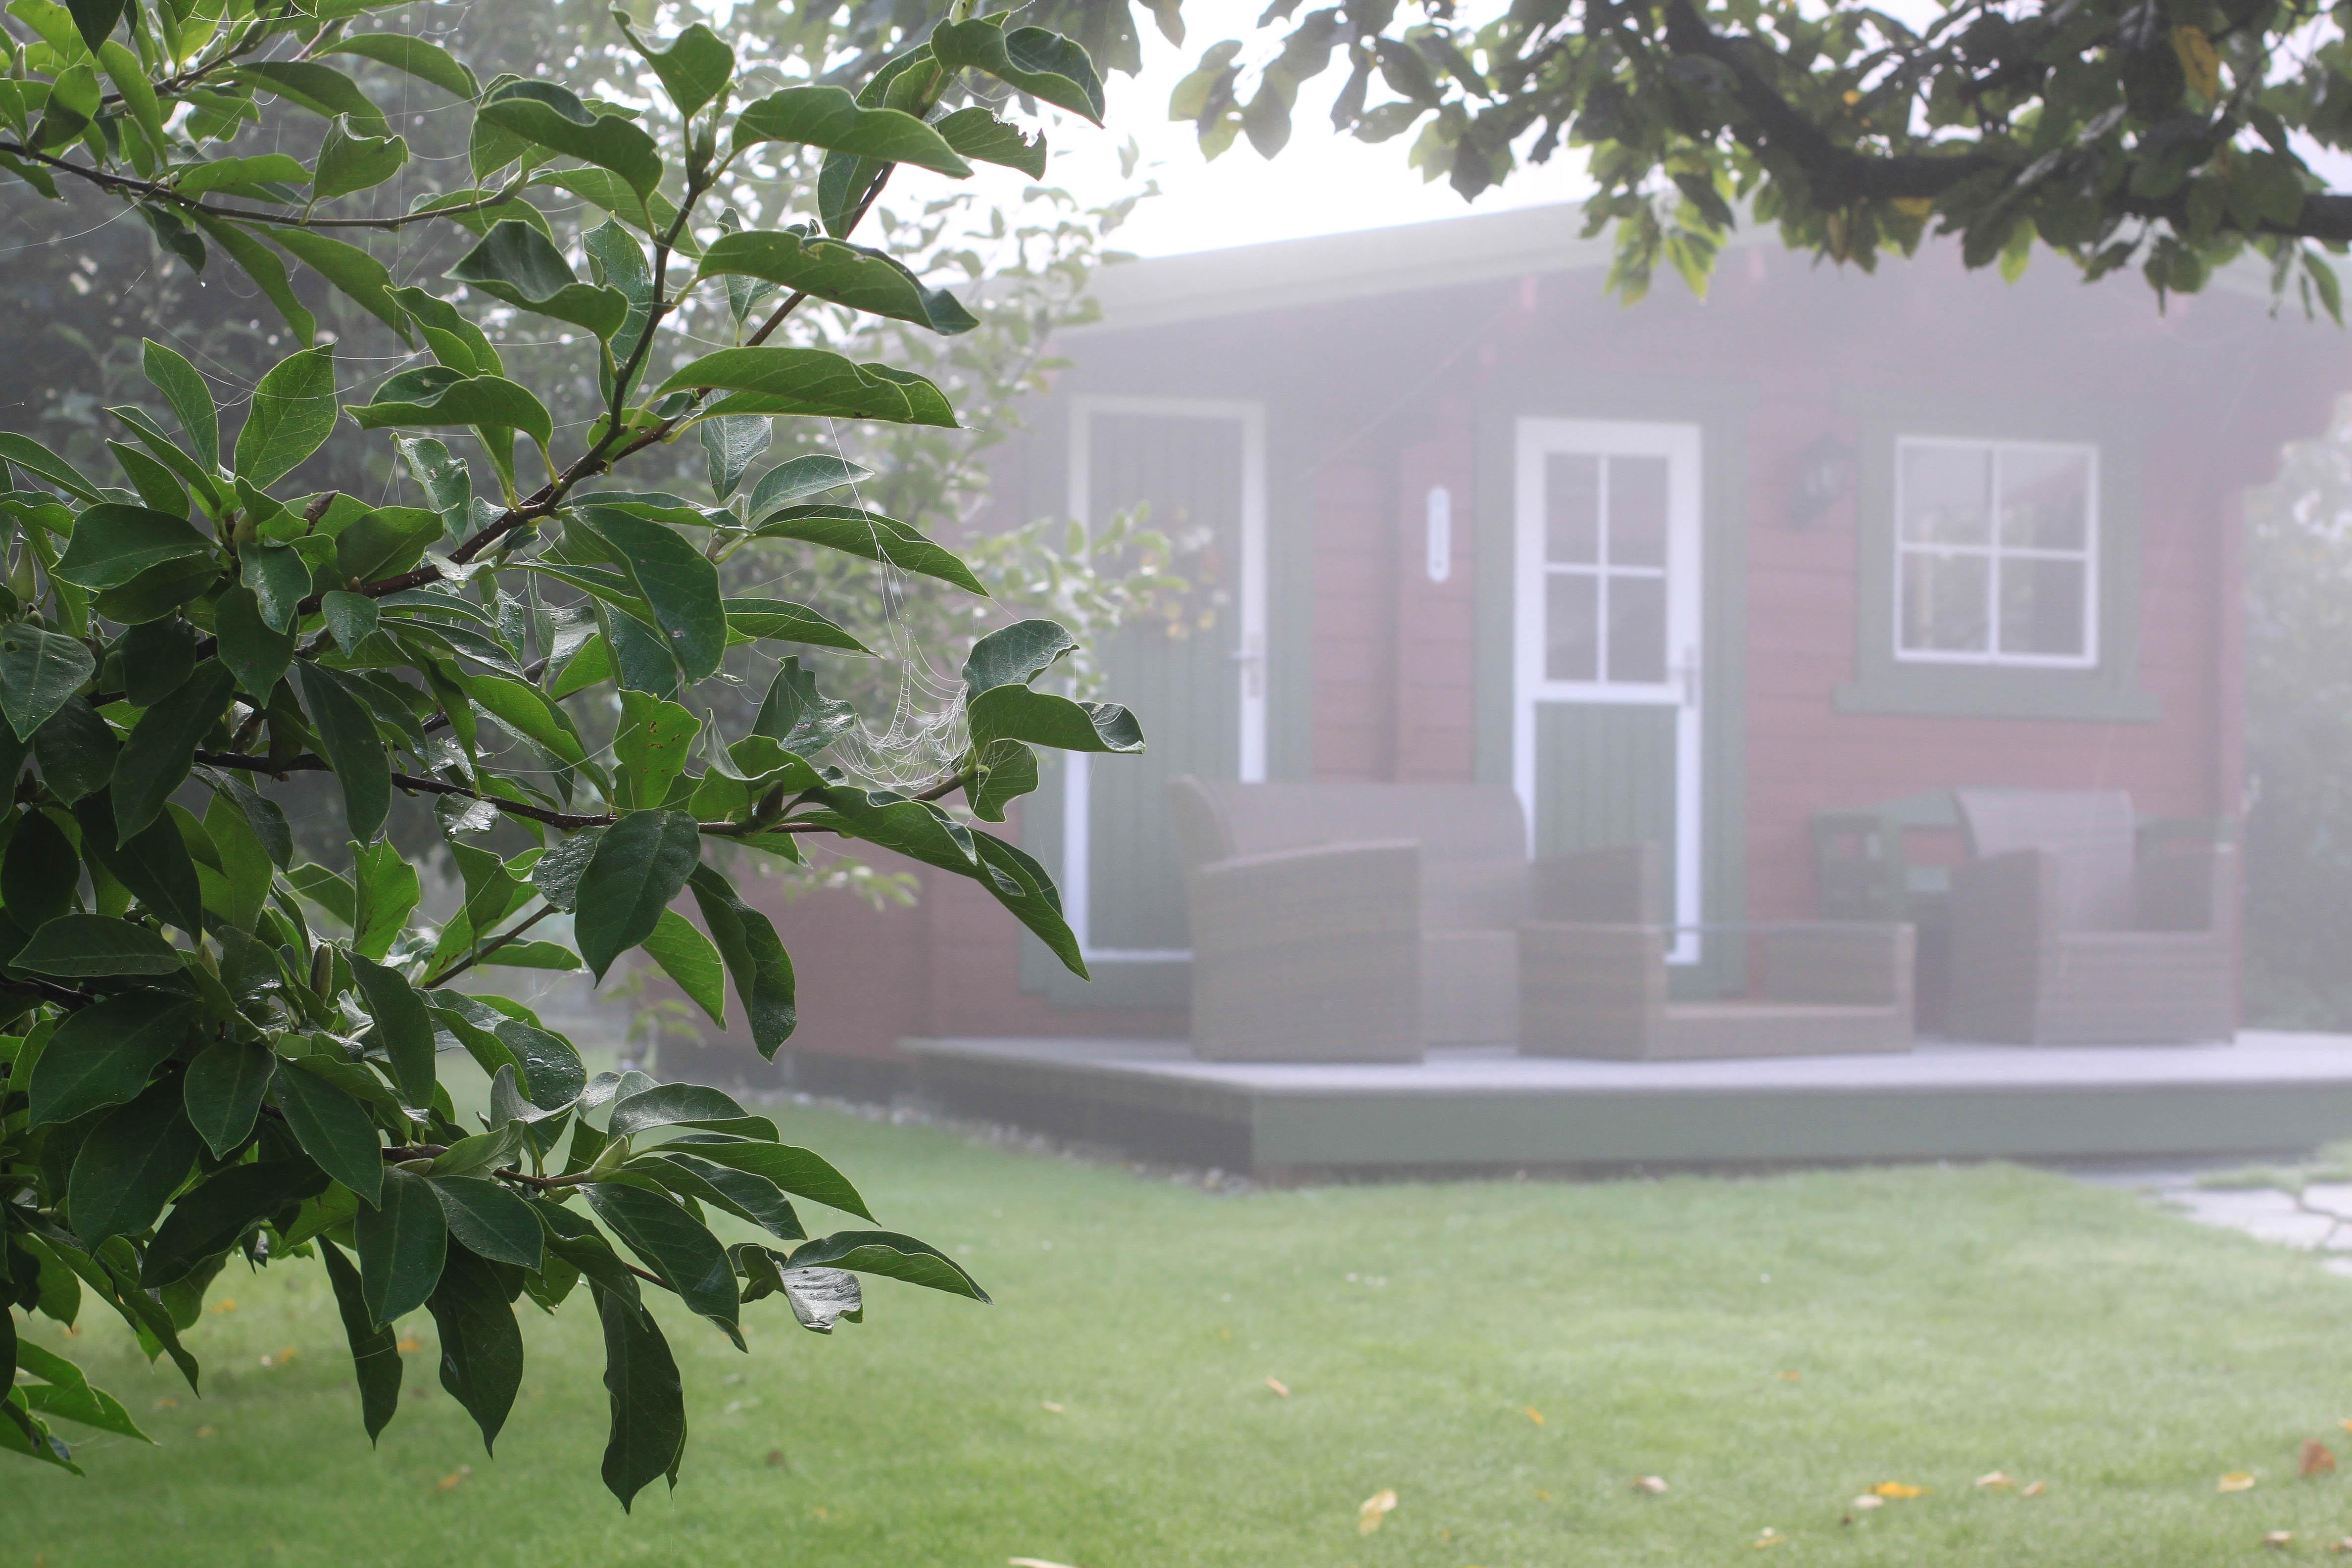 landschaft baum gras tau die architektur pflanze nebel haus fenster zuhause htte herbst hinterhof fassade eigentum - Hinterhof Landschaften Bilder